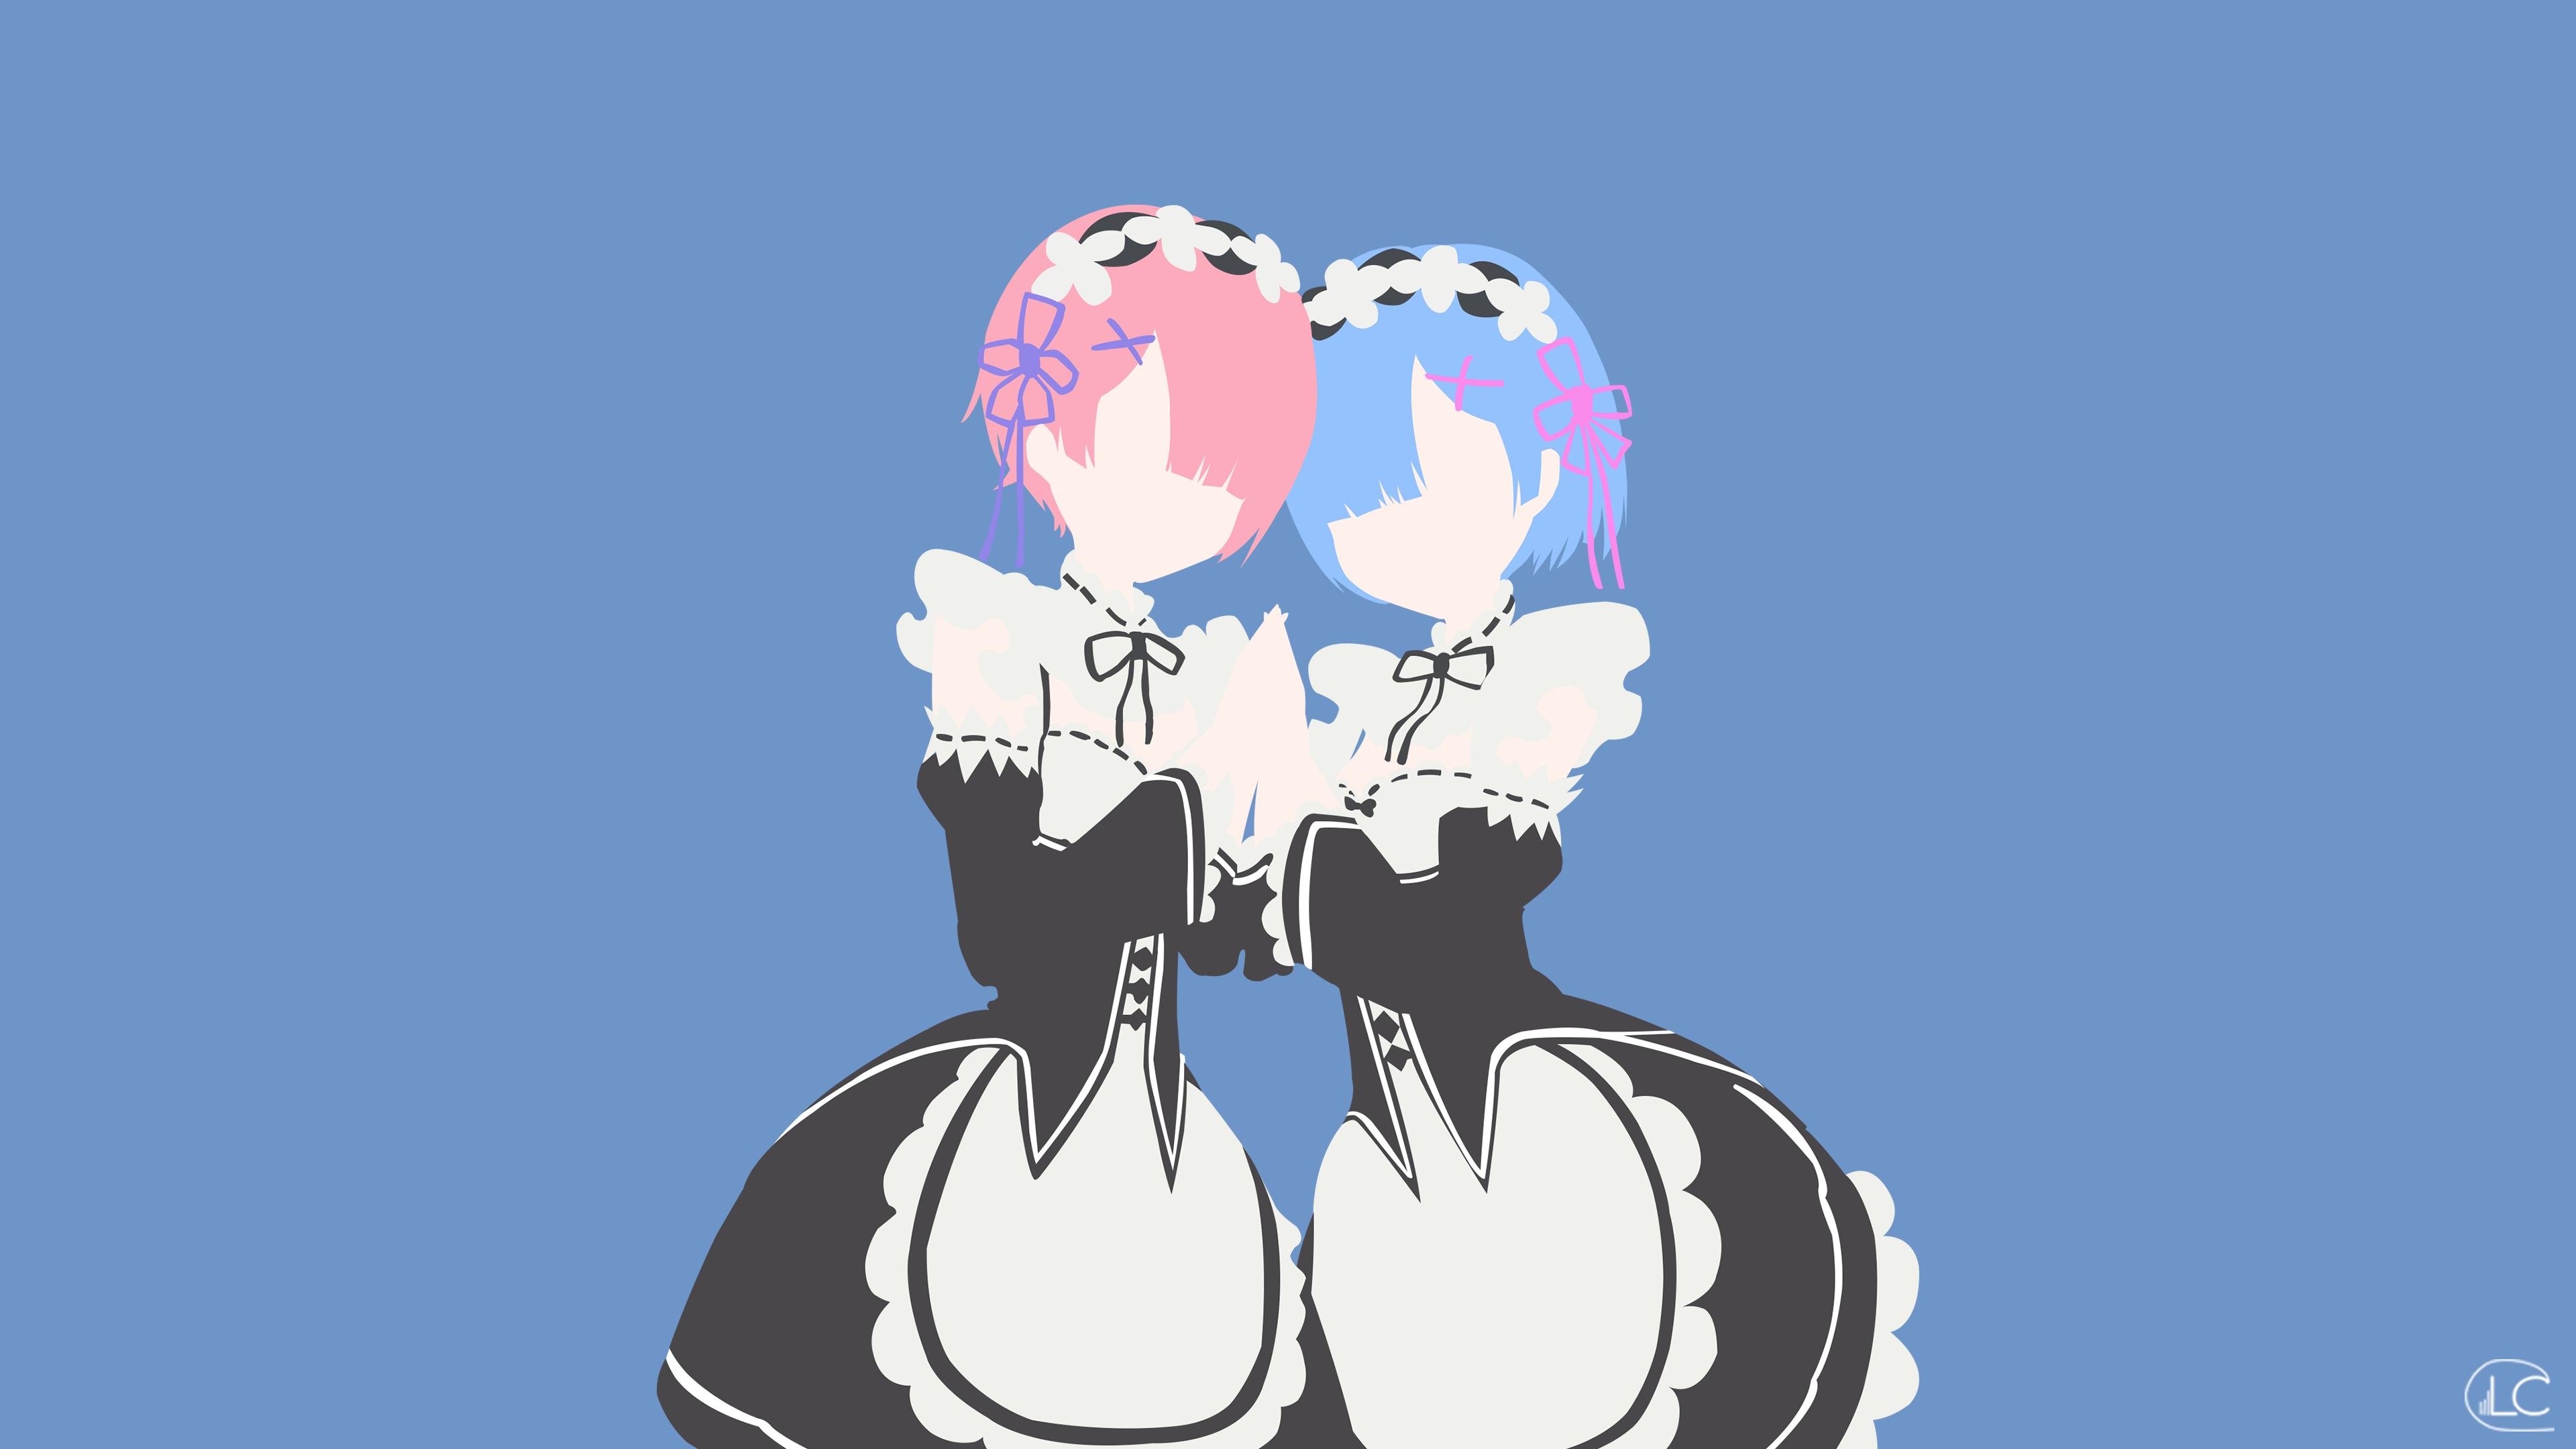 Cool Art Design Anime Wallpaper